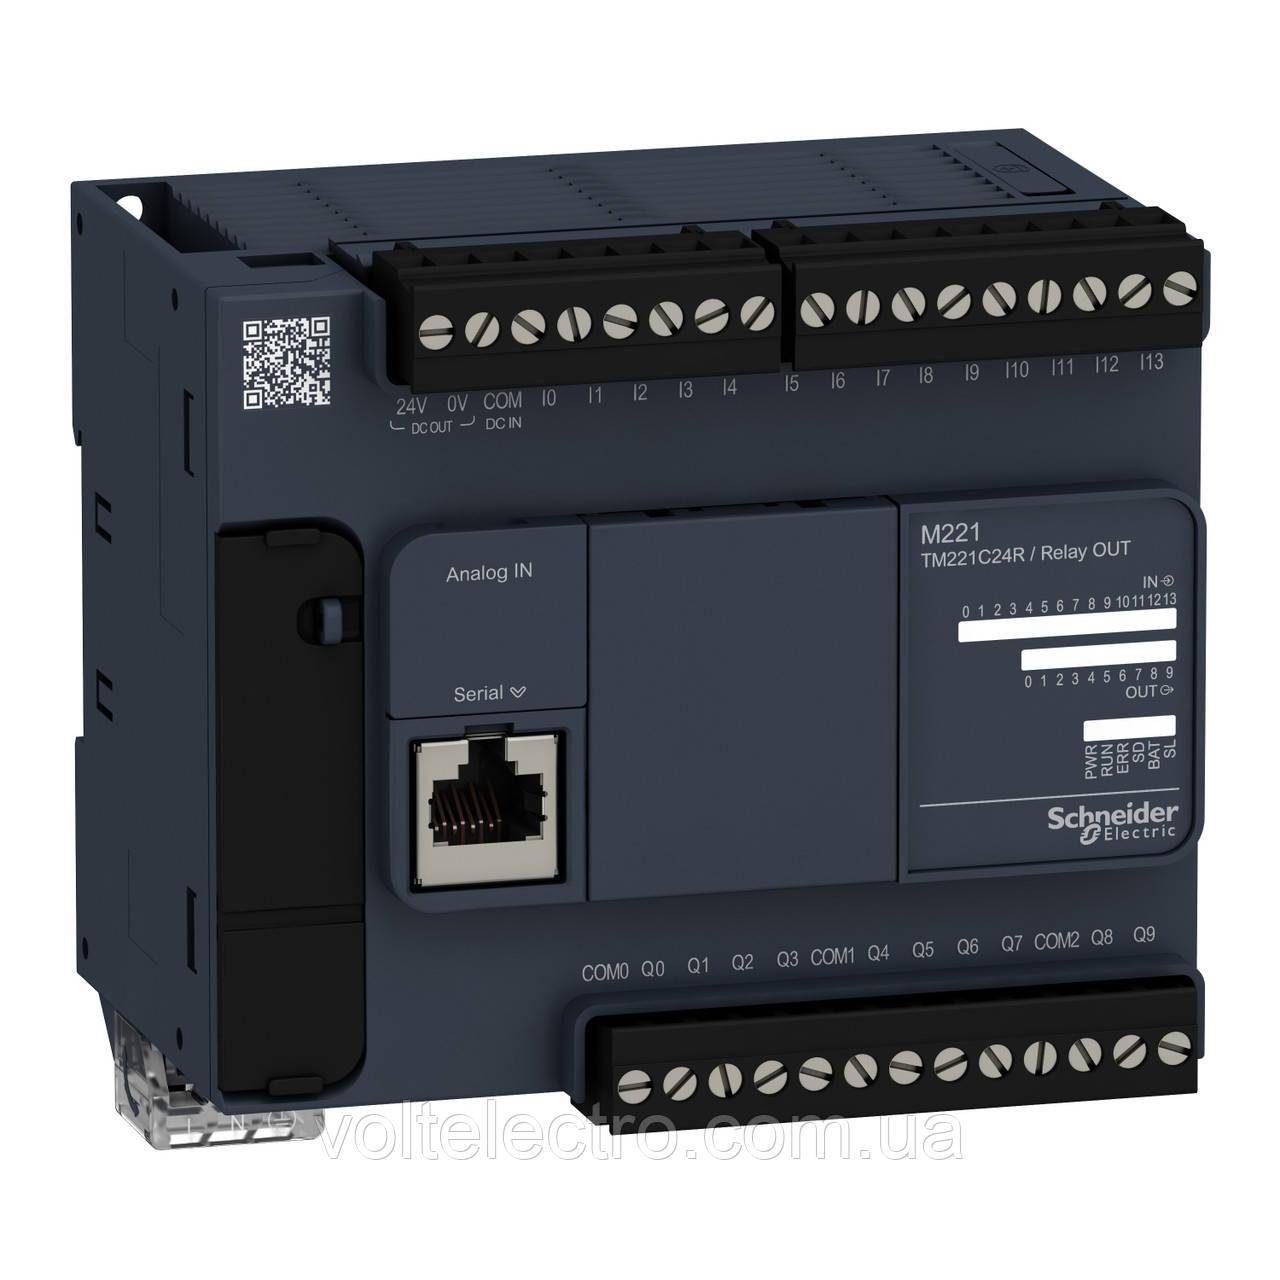 Логический контроллер Modicon M221-24IO транзисторный источник  24В